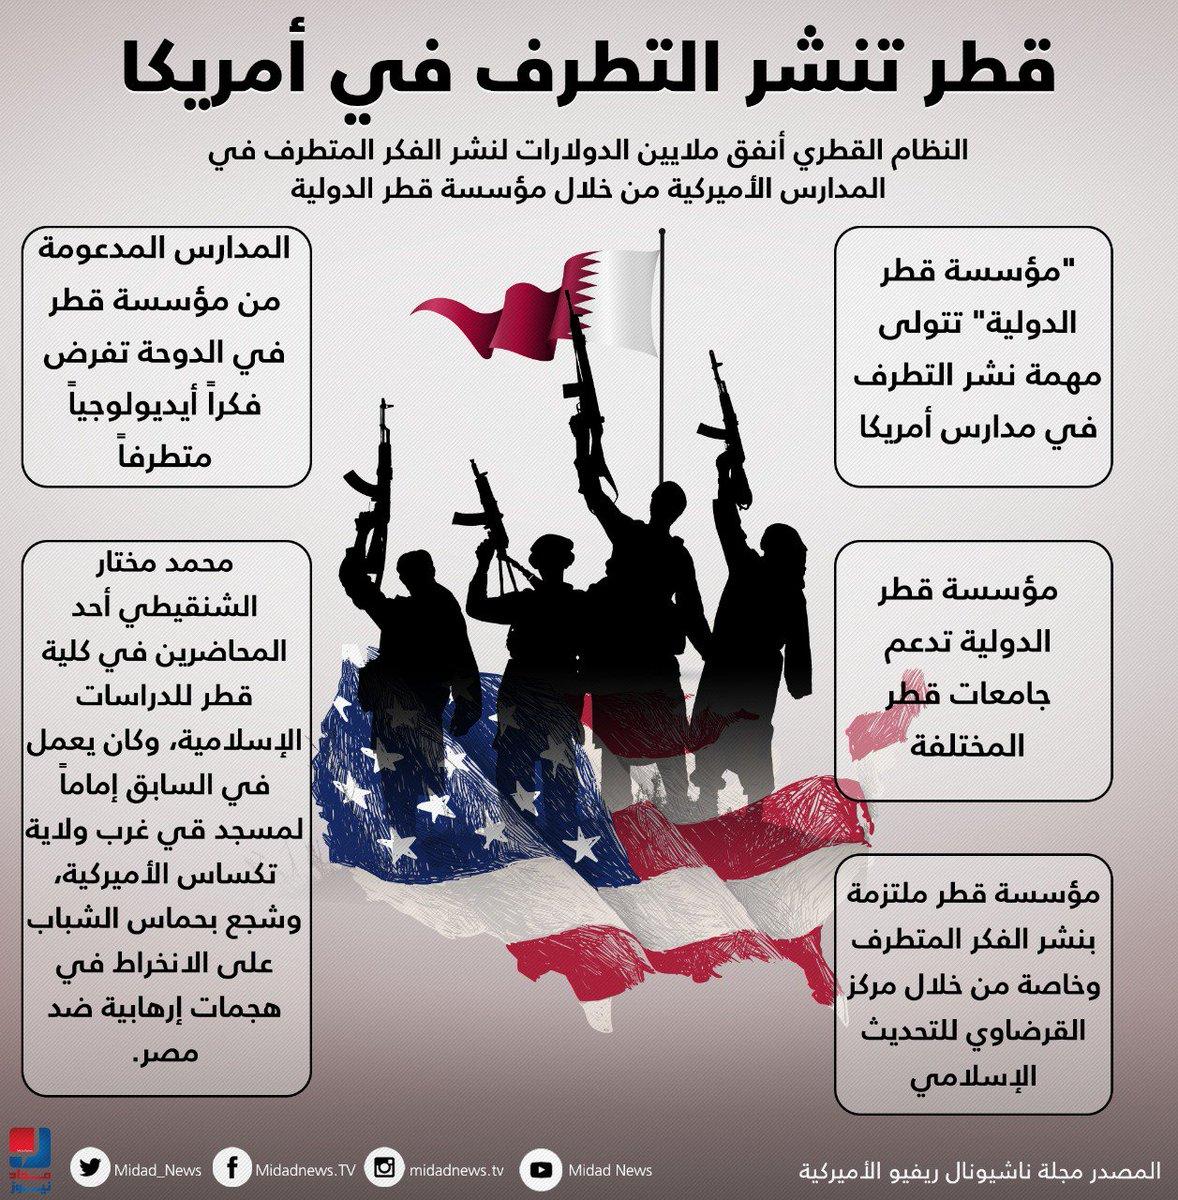 #مداد_نيوز| #قطر تنشر الإرهاب والتطرف في...